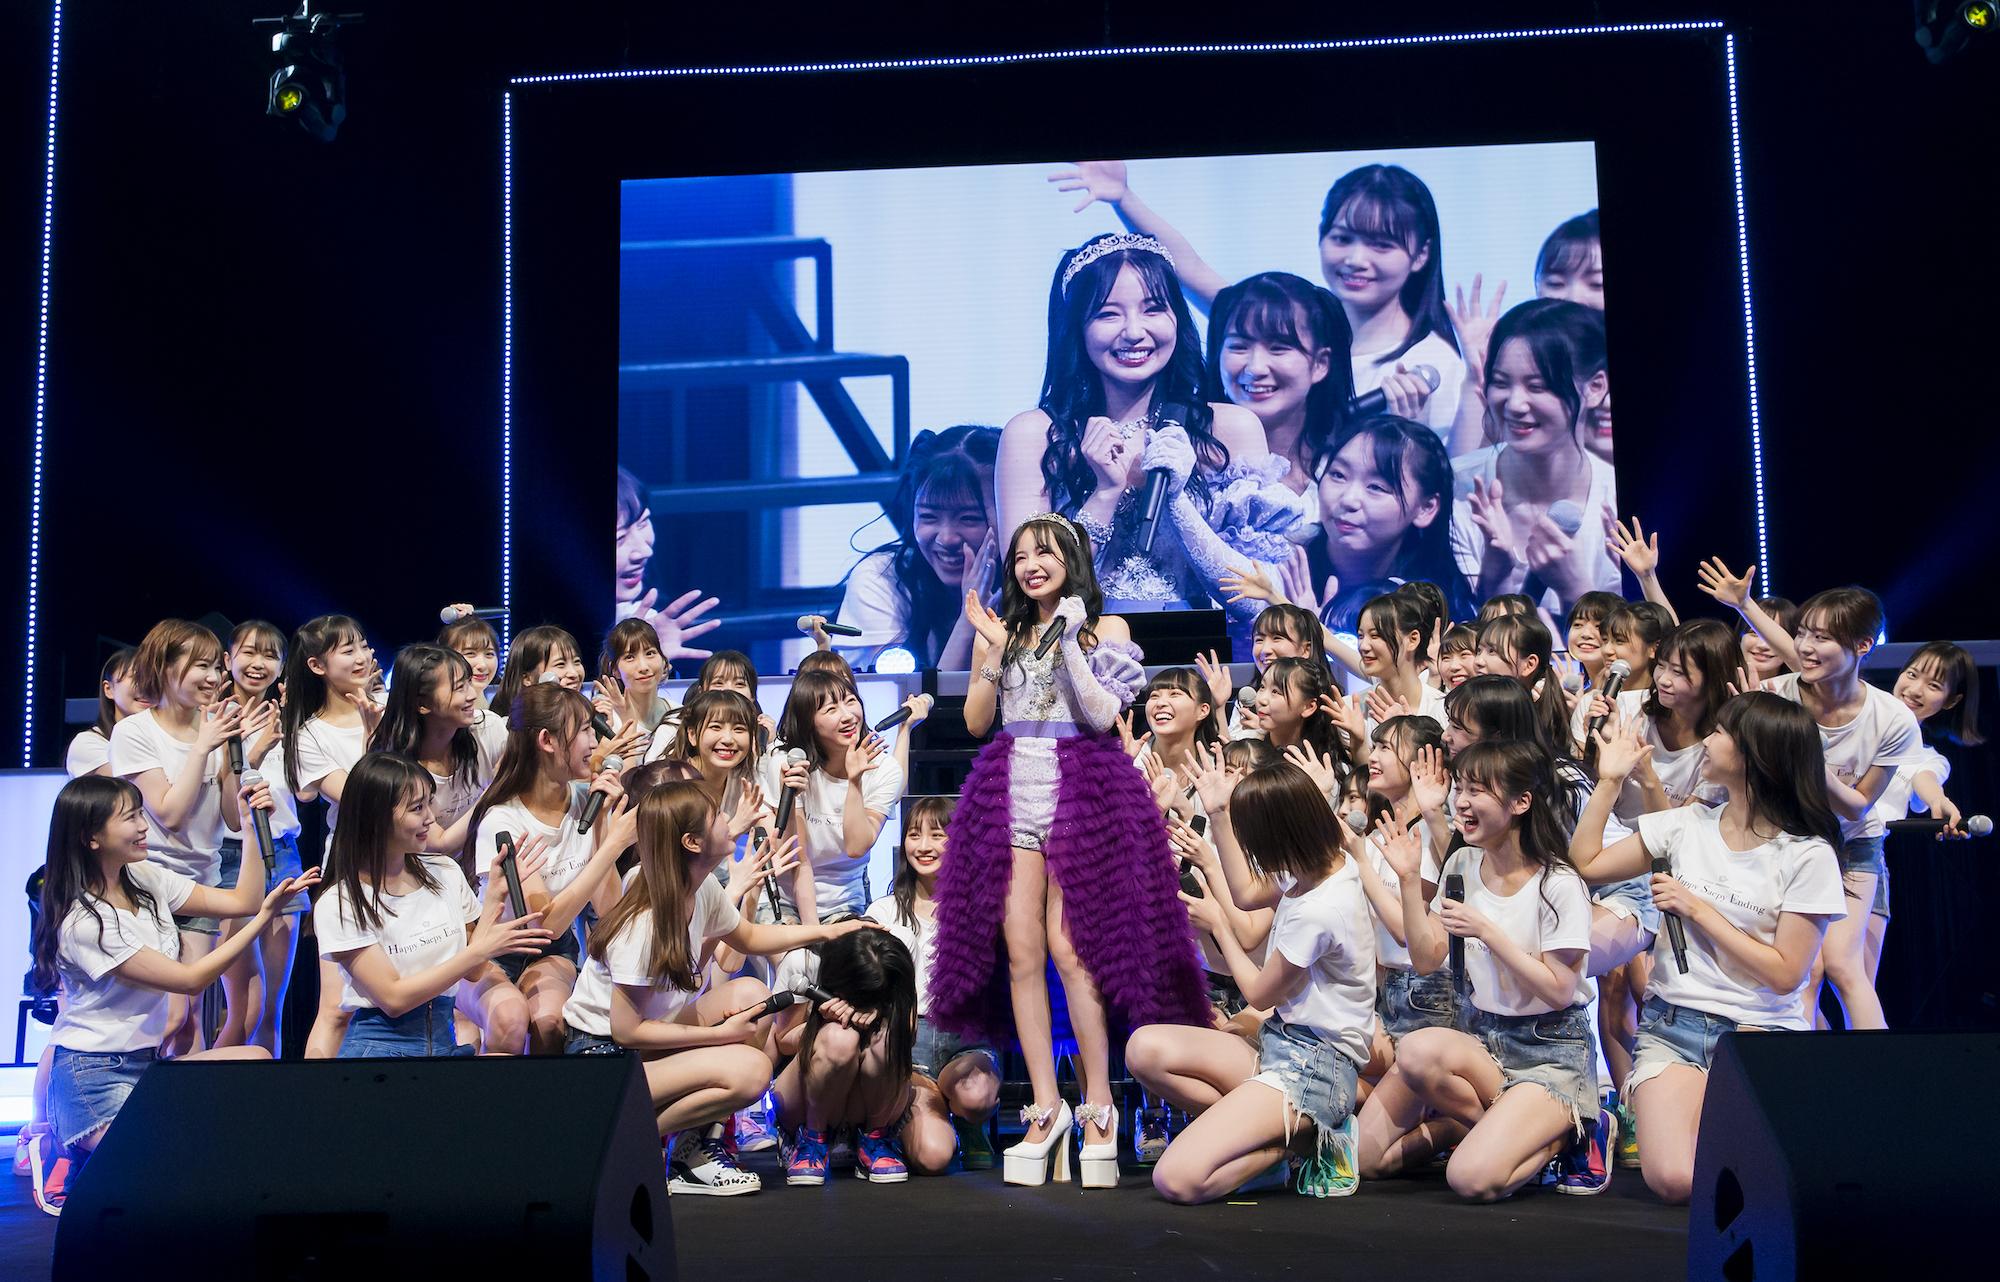 村瀬紗英(NMB48)卒業コンサート/12月14日、大阪・オリックス劇場にて ©NMB48